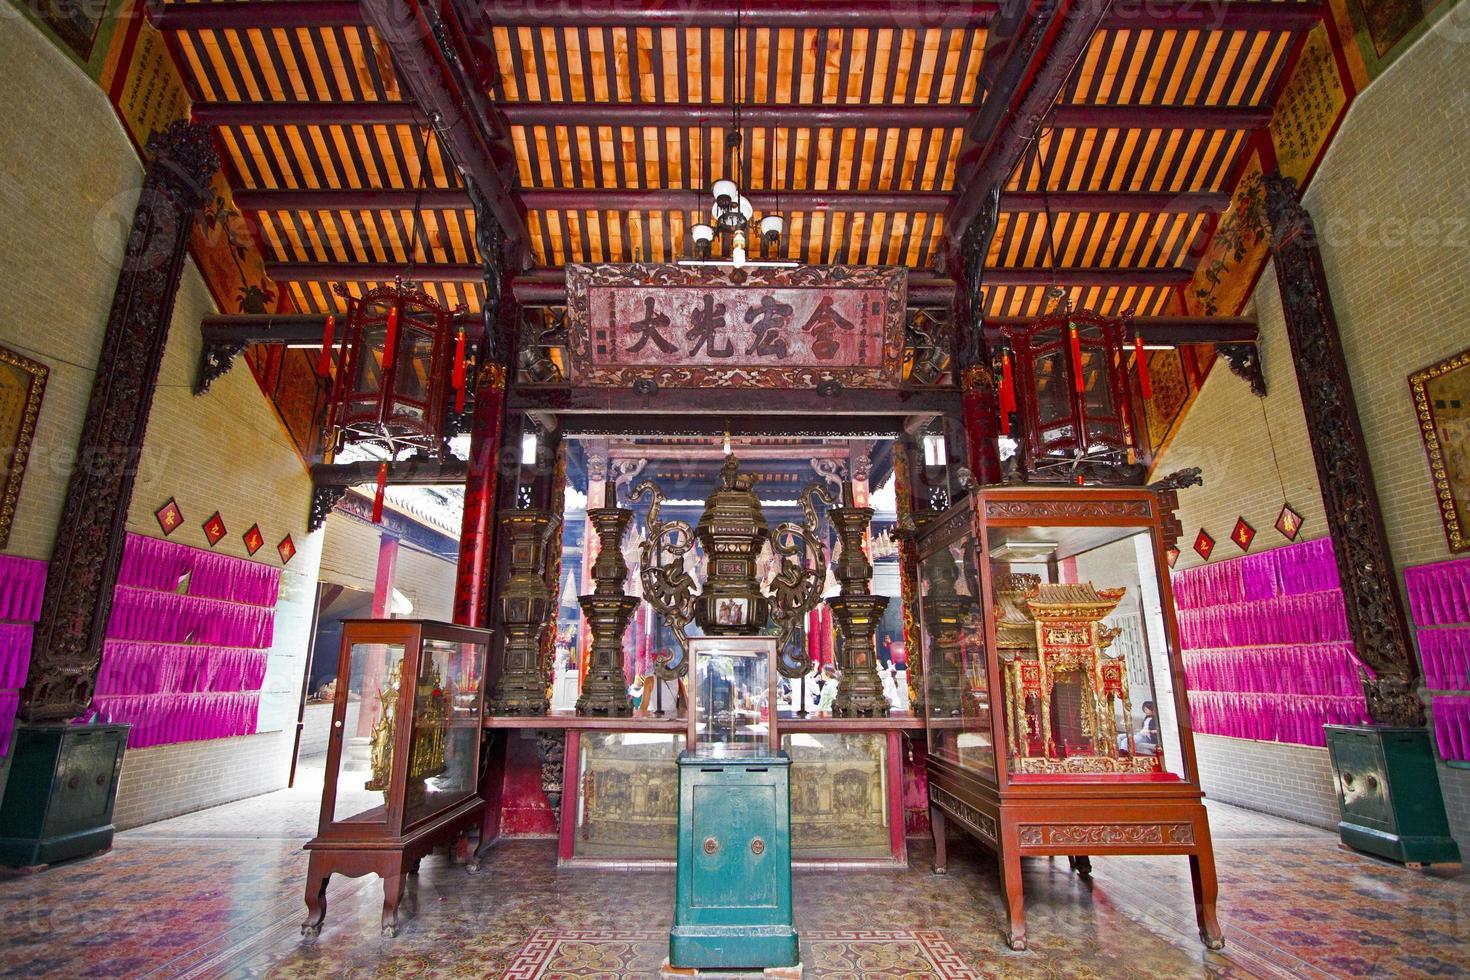 templo chinês - cidade de ho chi minh, vietnã foto